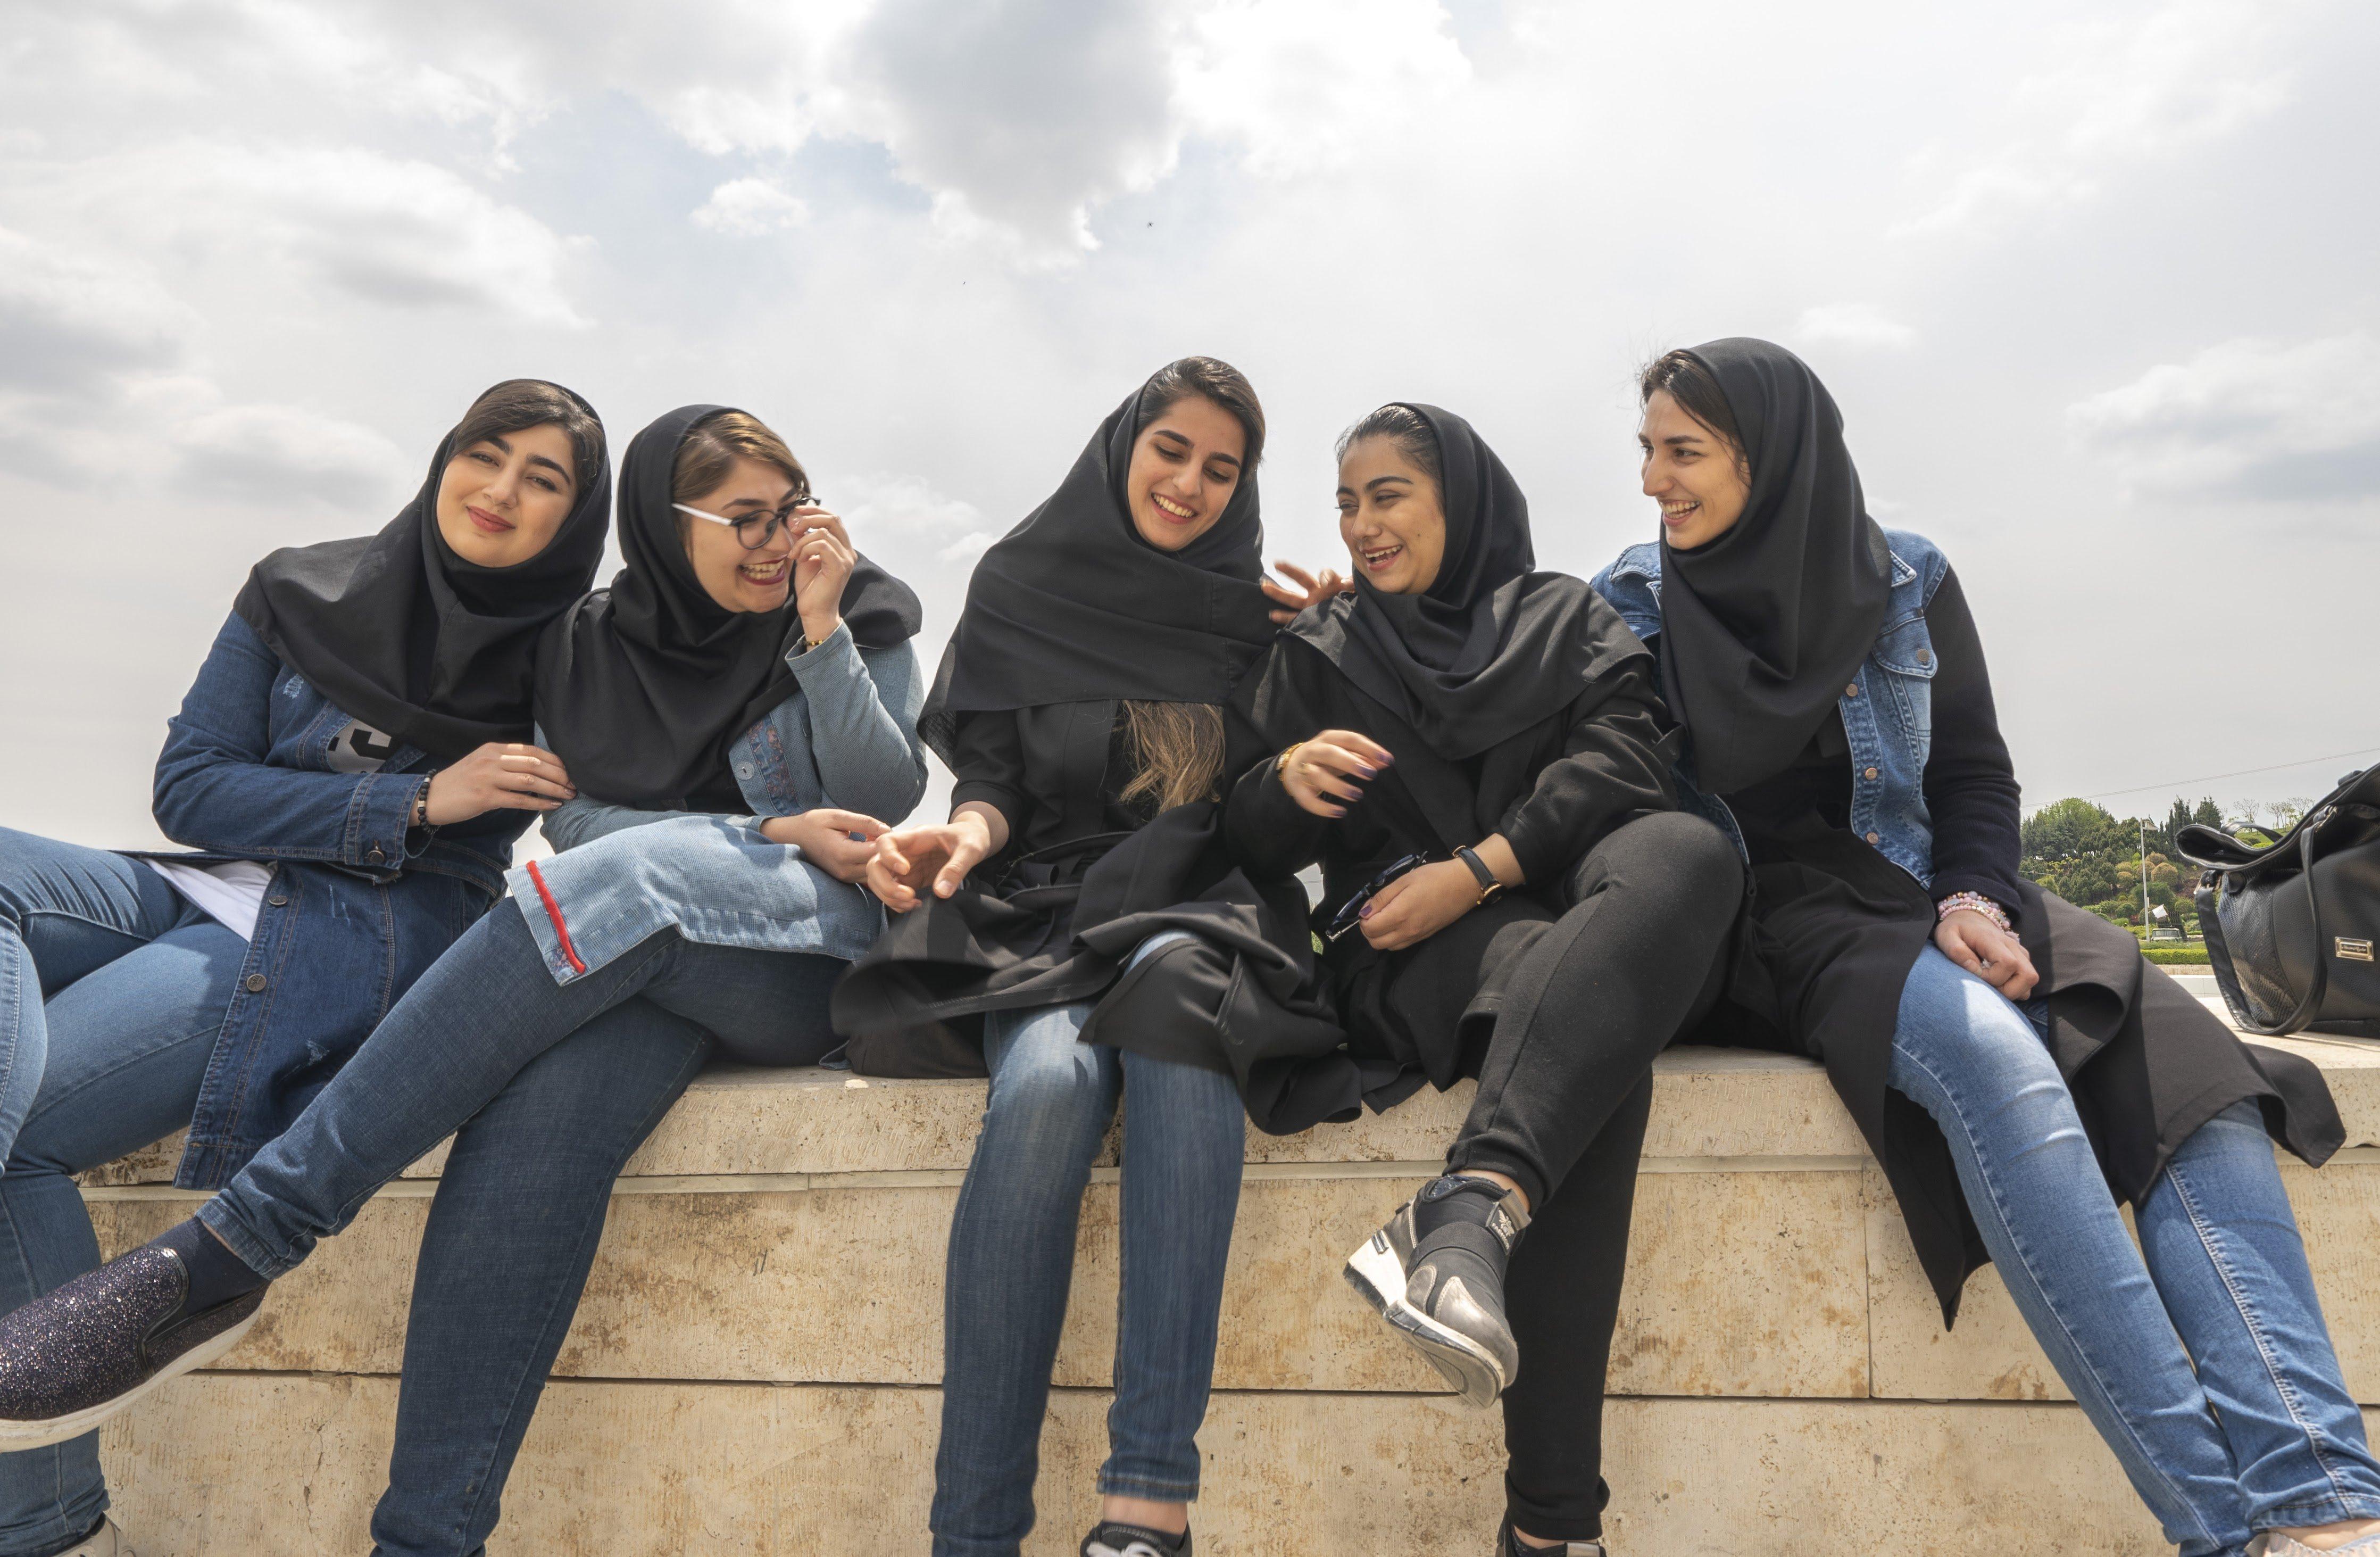 MZ2021-WV_W184087Holy Defense Museum5 iraanse vrouwen 225-04-2019.JPG